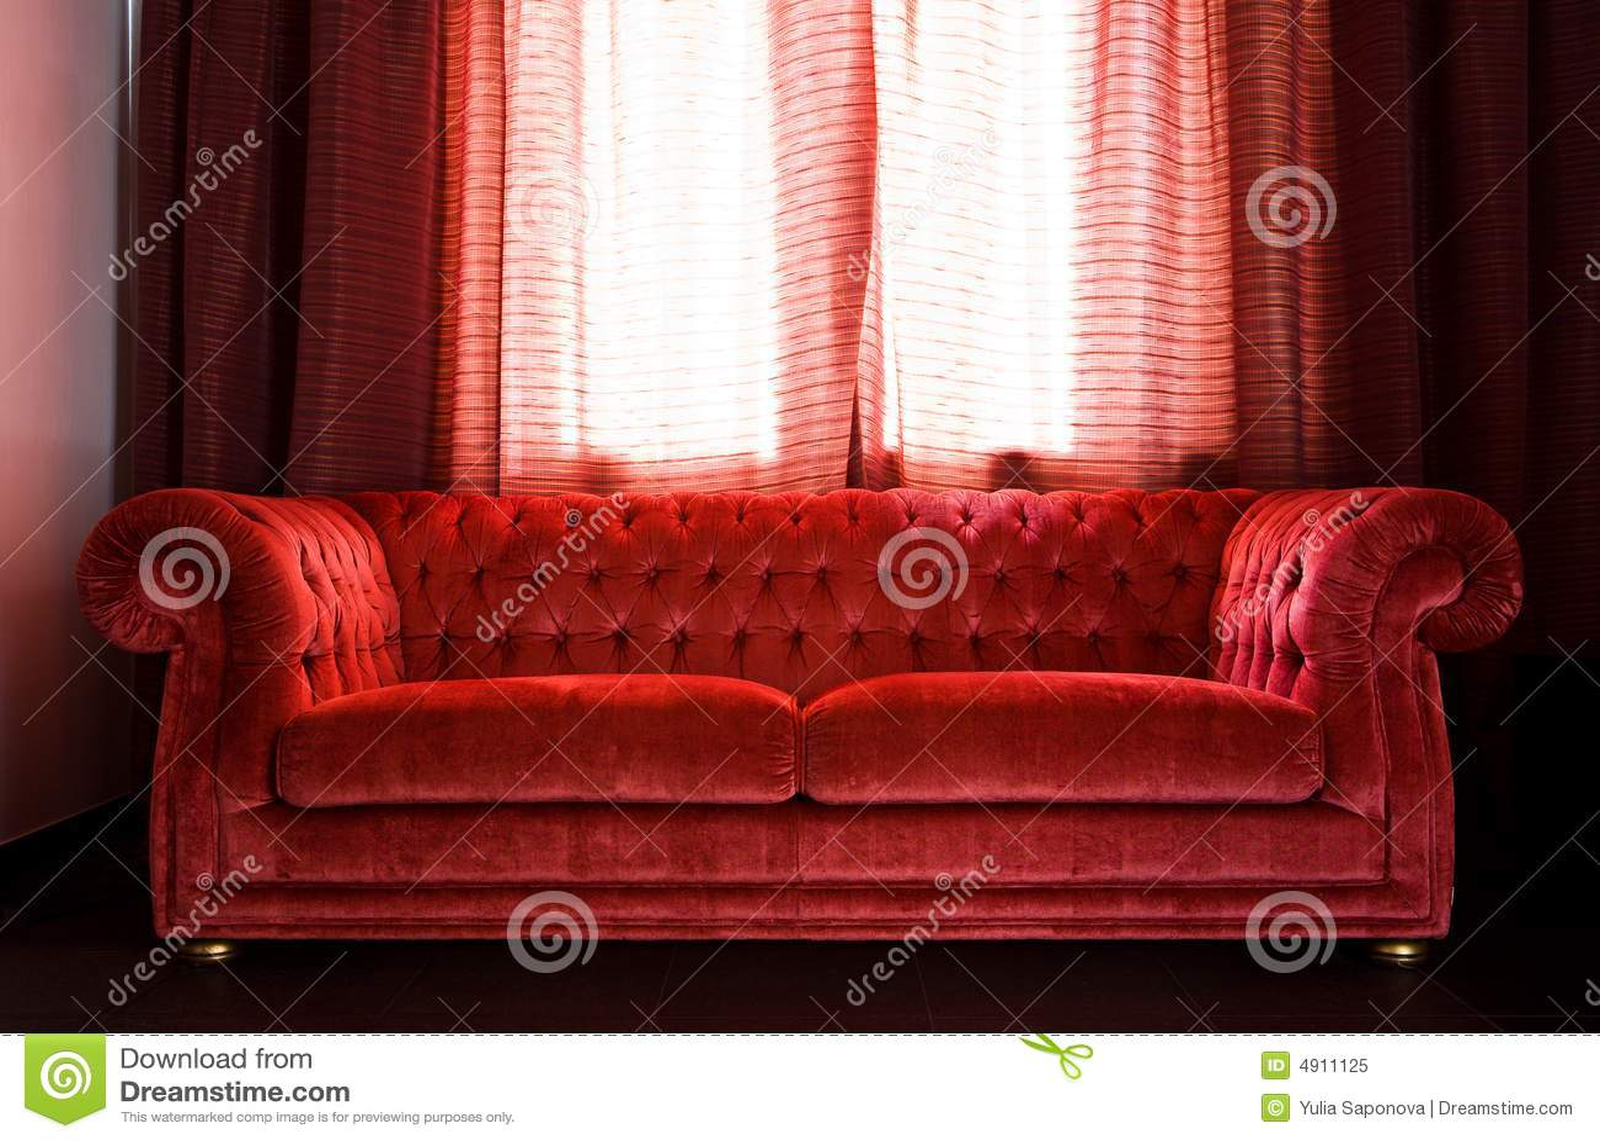 Sala de estar com um sof vermelho imagem de stock for Sala de estar com um sofa